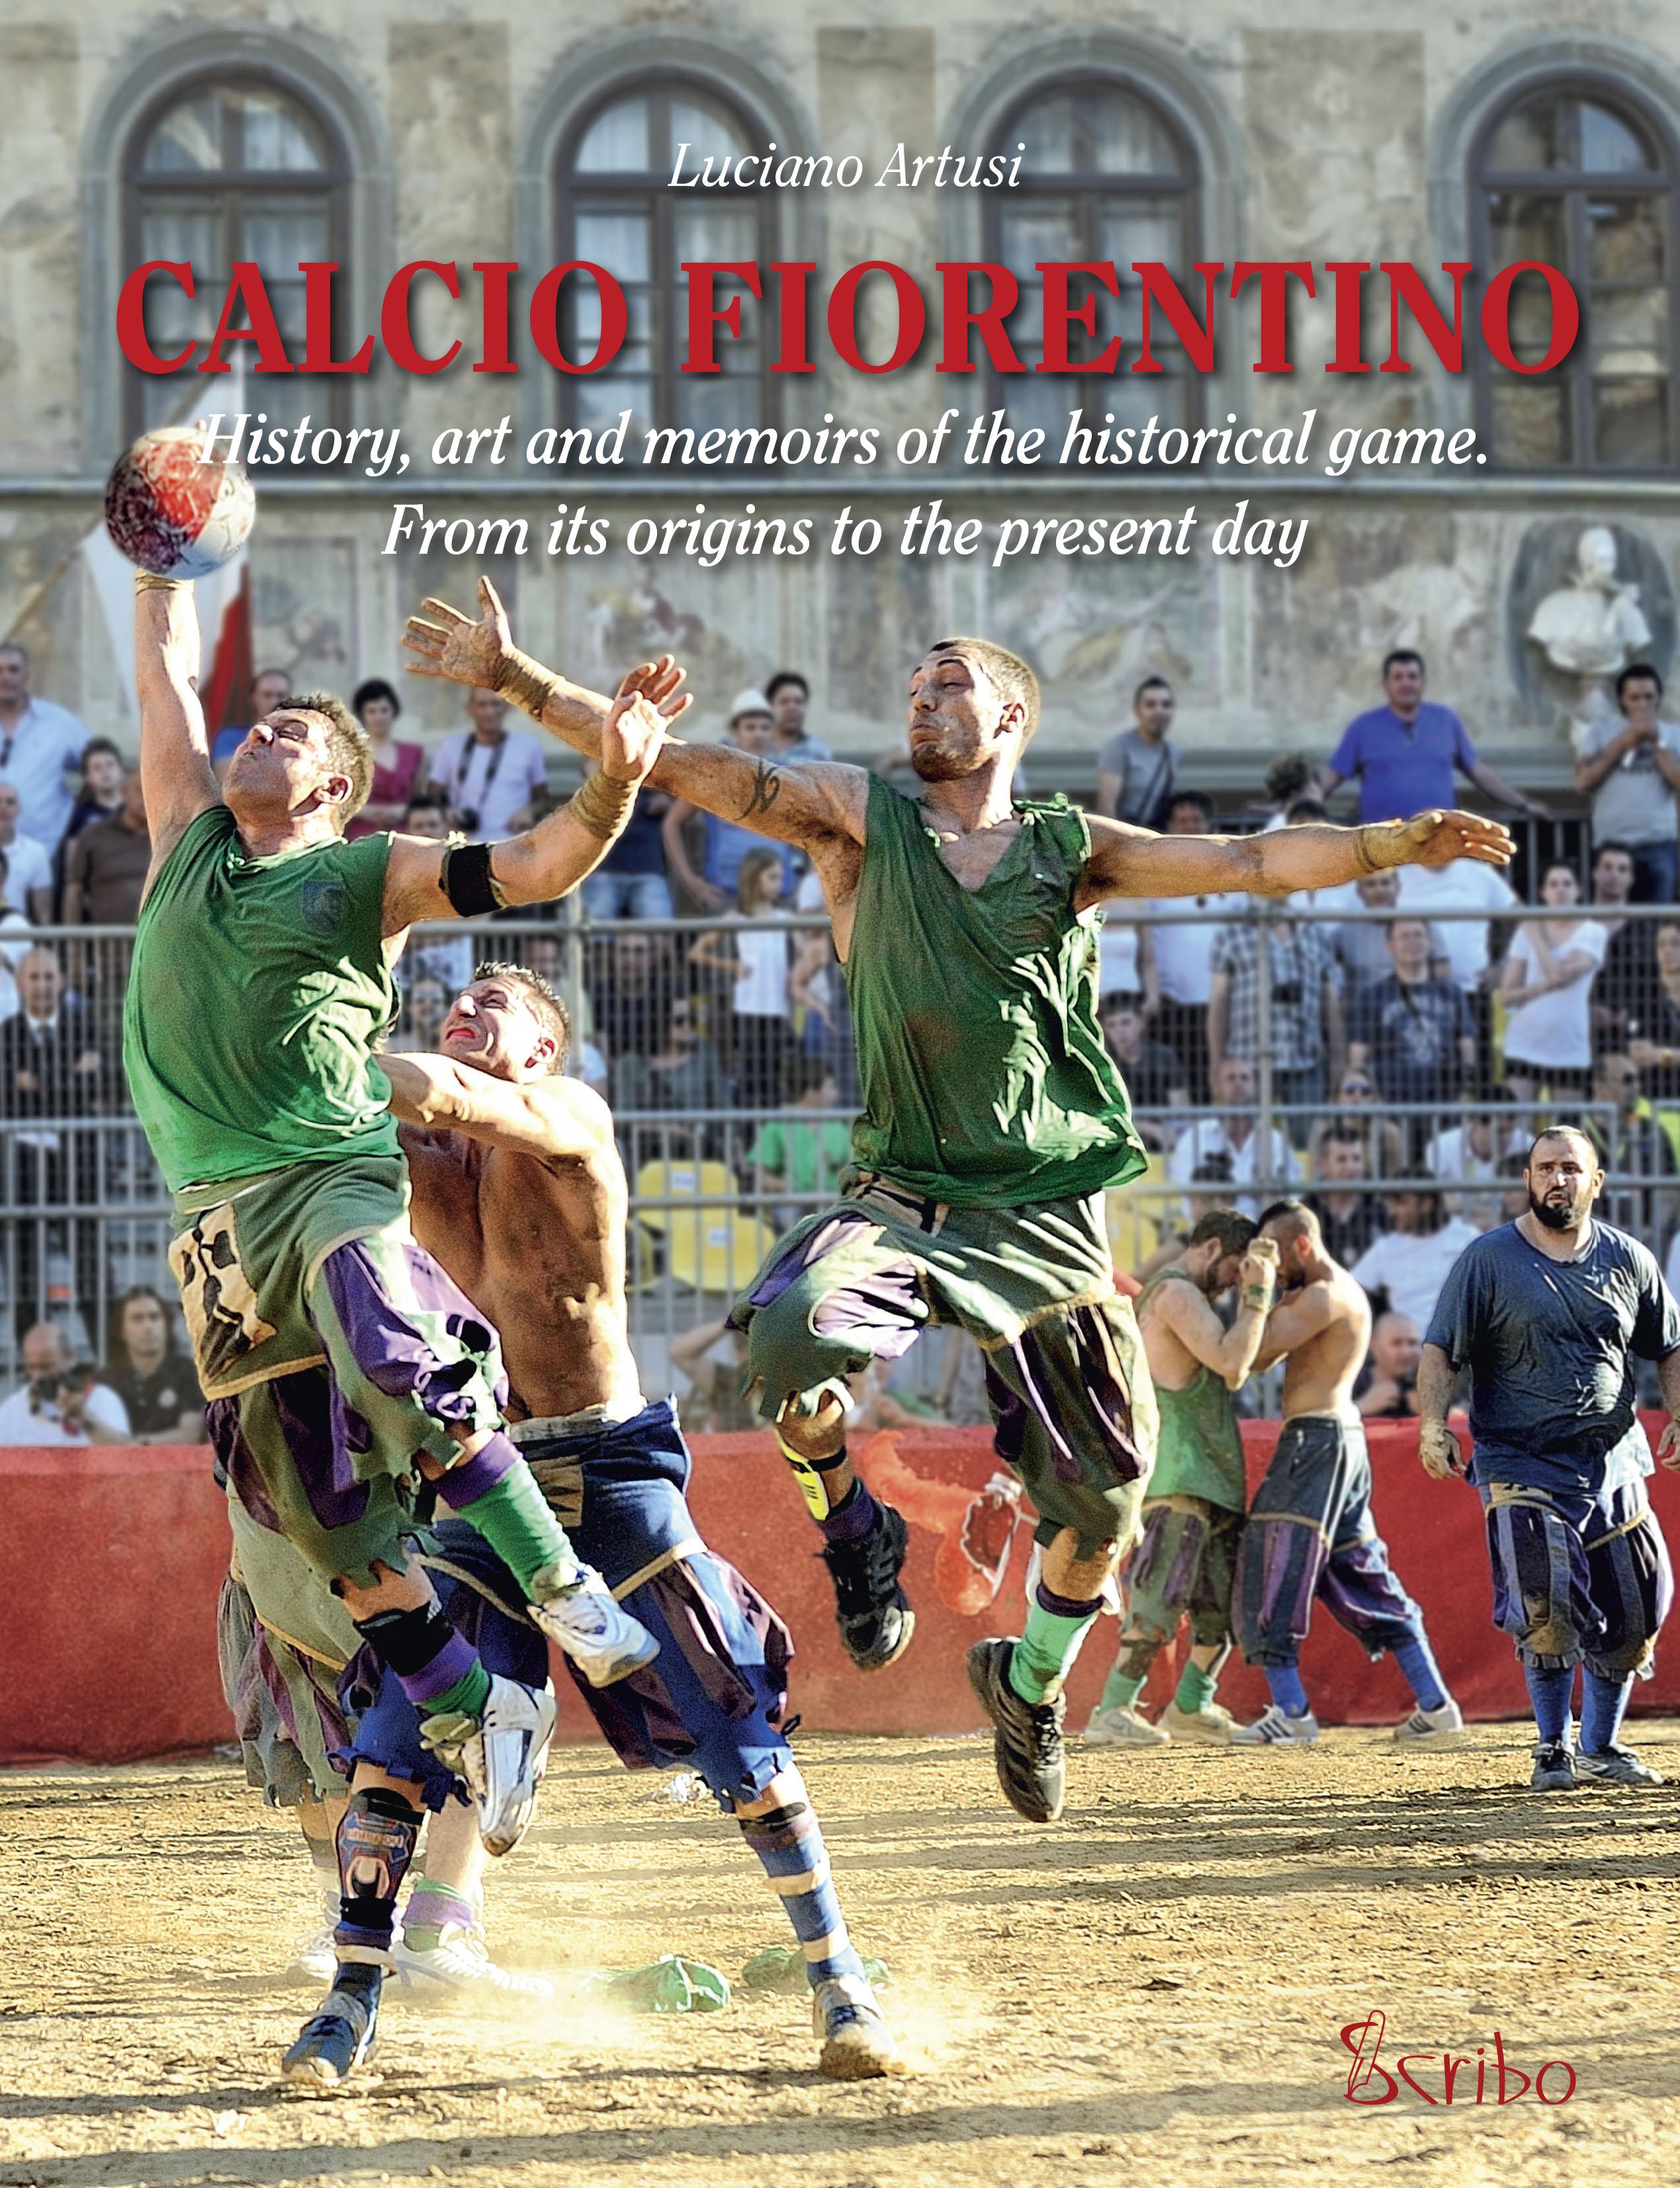 Calcio Fiorentino (English version)